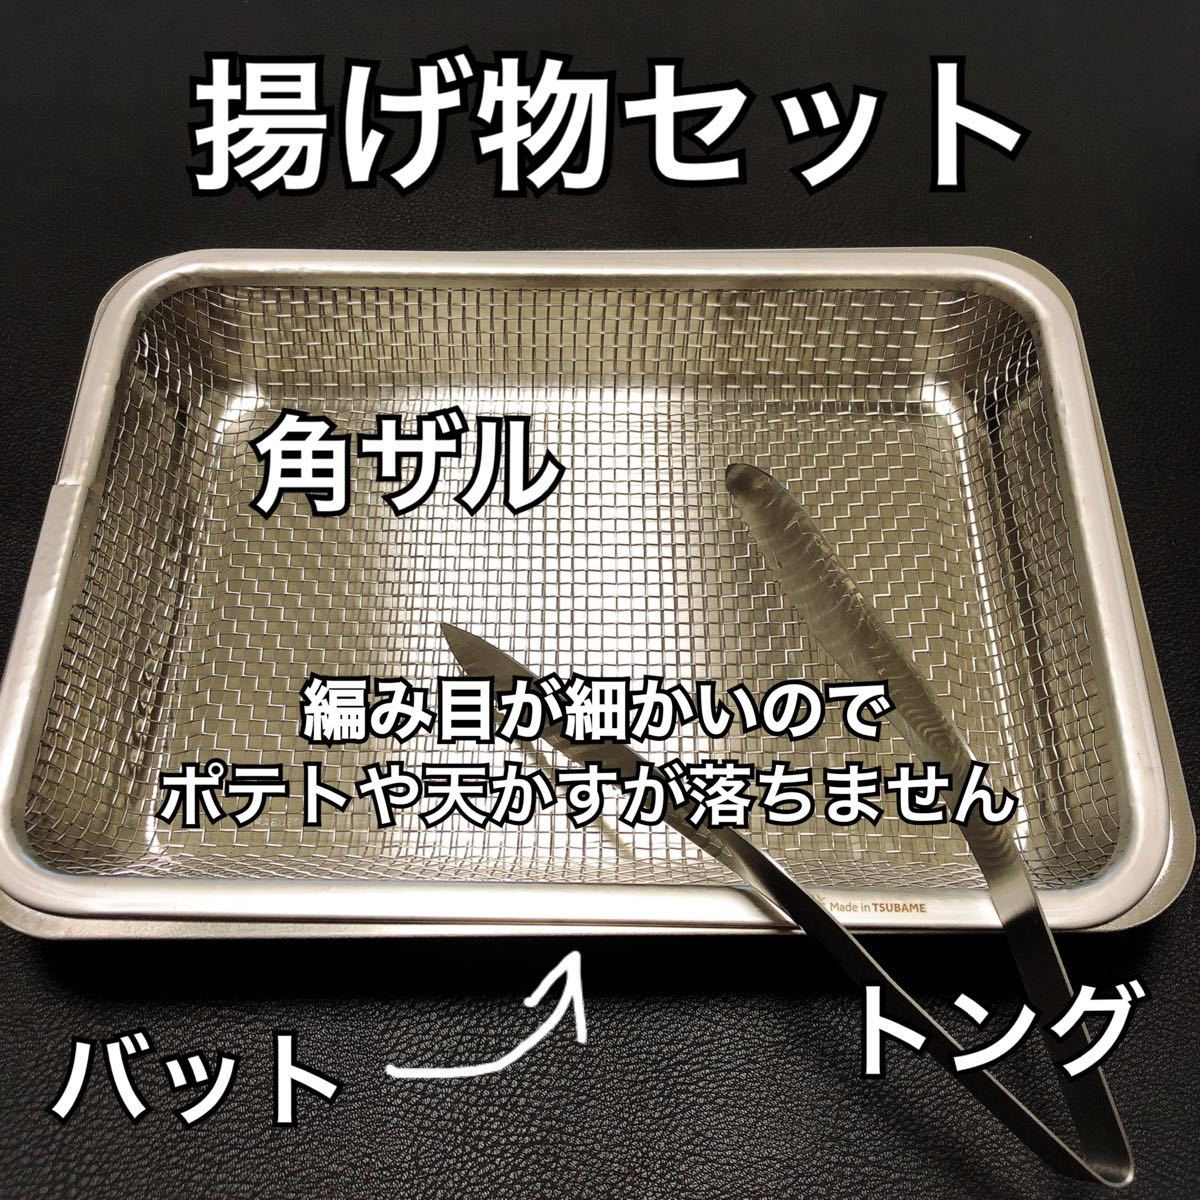 made in TSUBAME 燕三条 揚げ物セット バット 角ザル トング